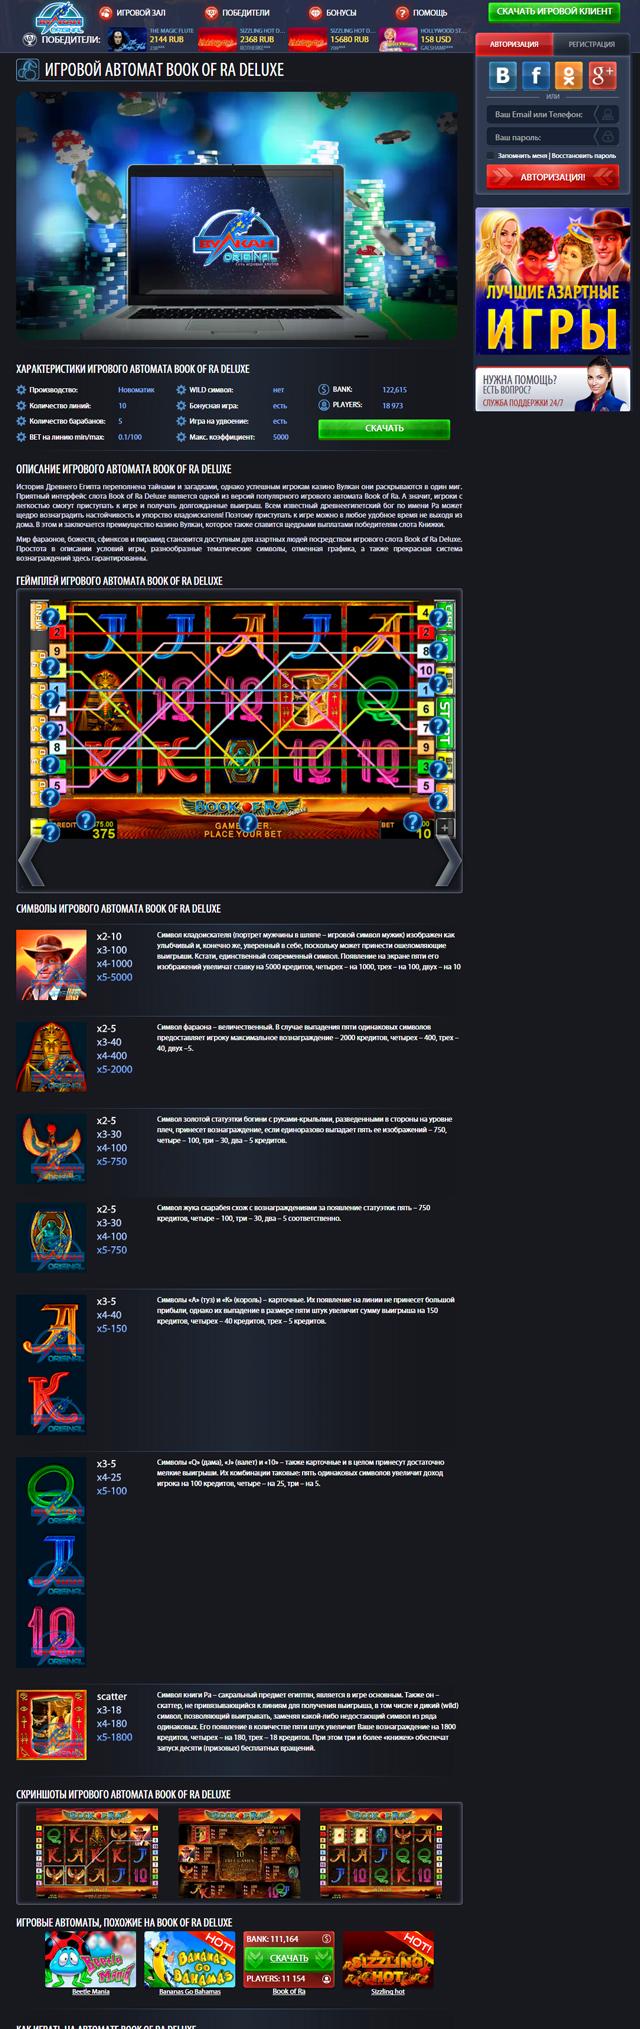 Як поповнити рахунок онлайн казино игровые автоматы играть бесплатно скачать на компьютер